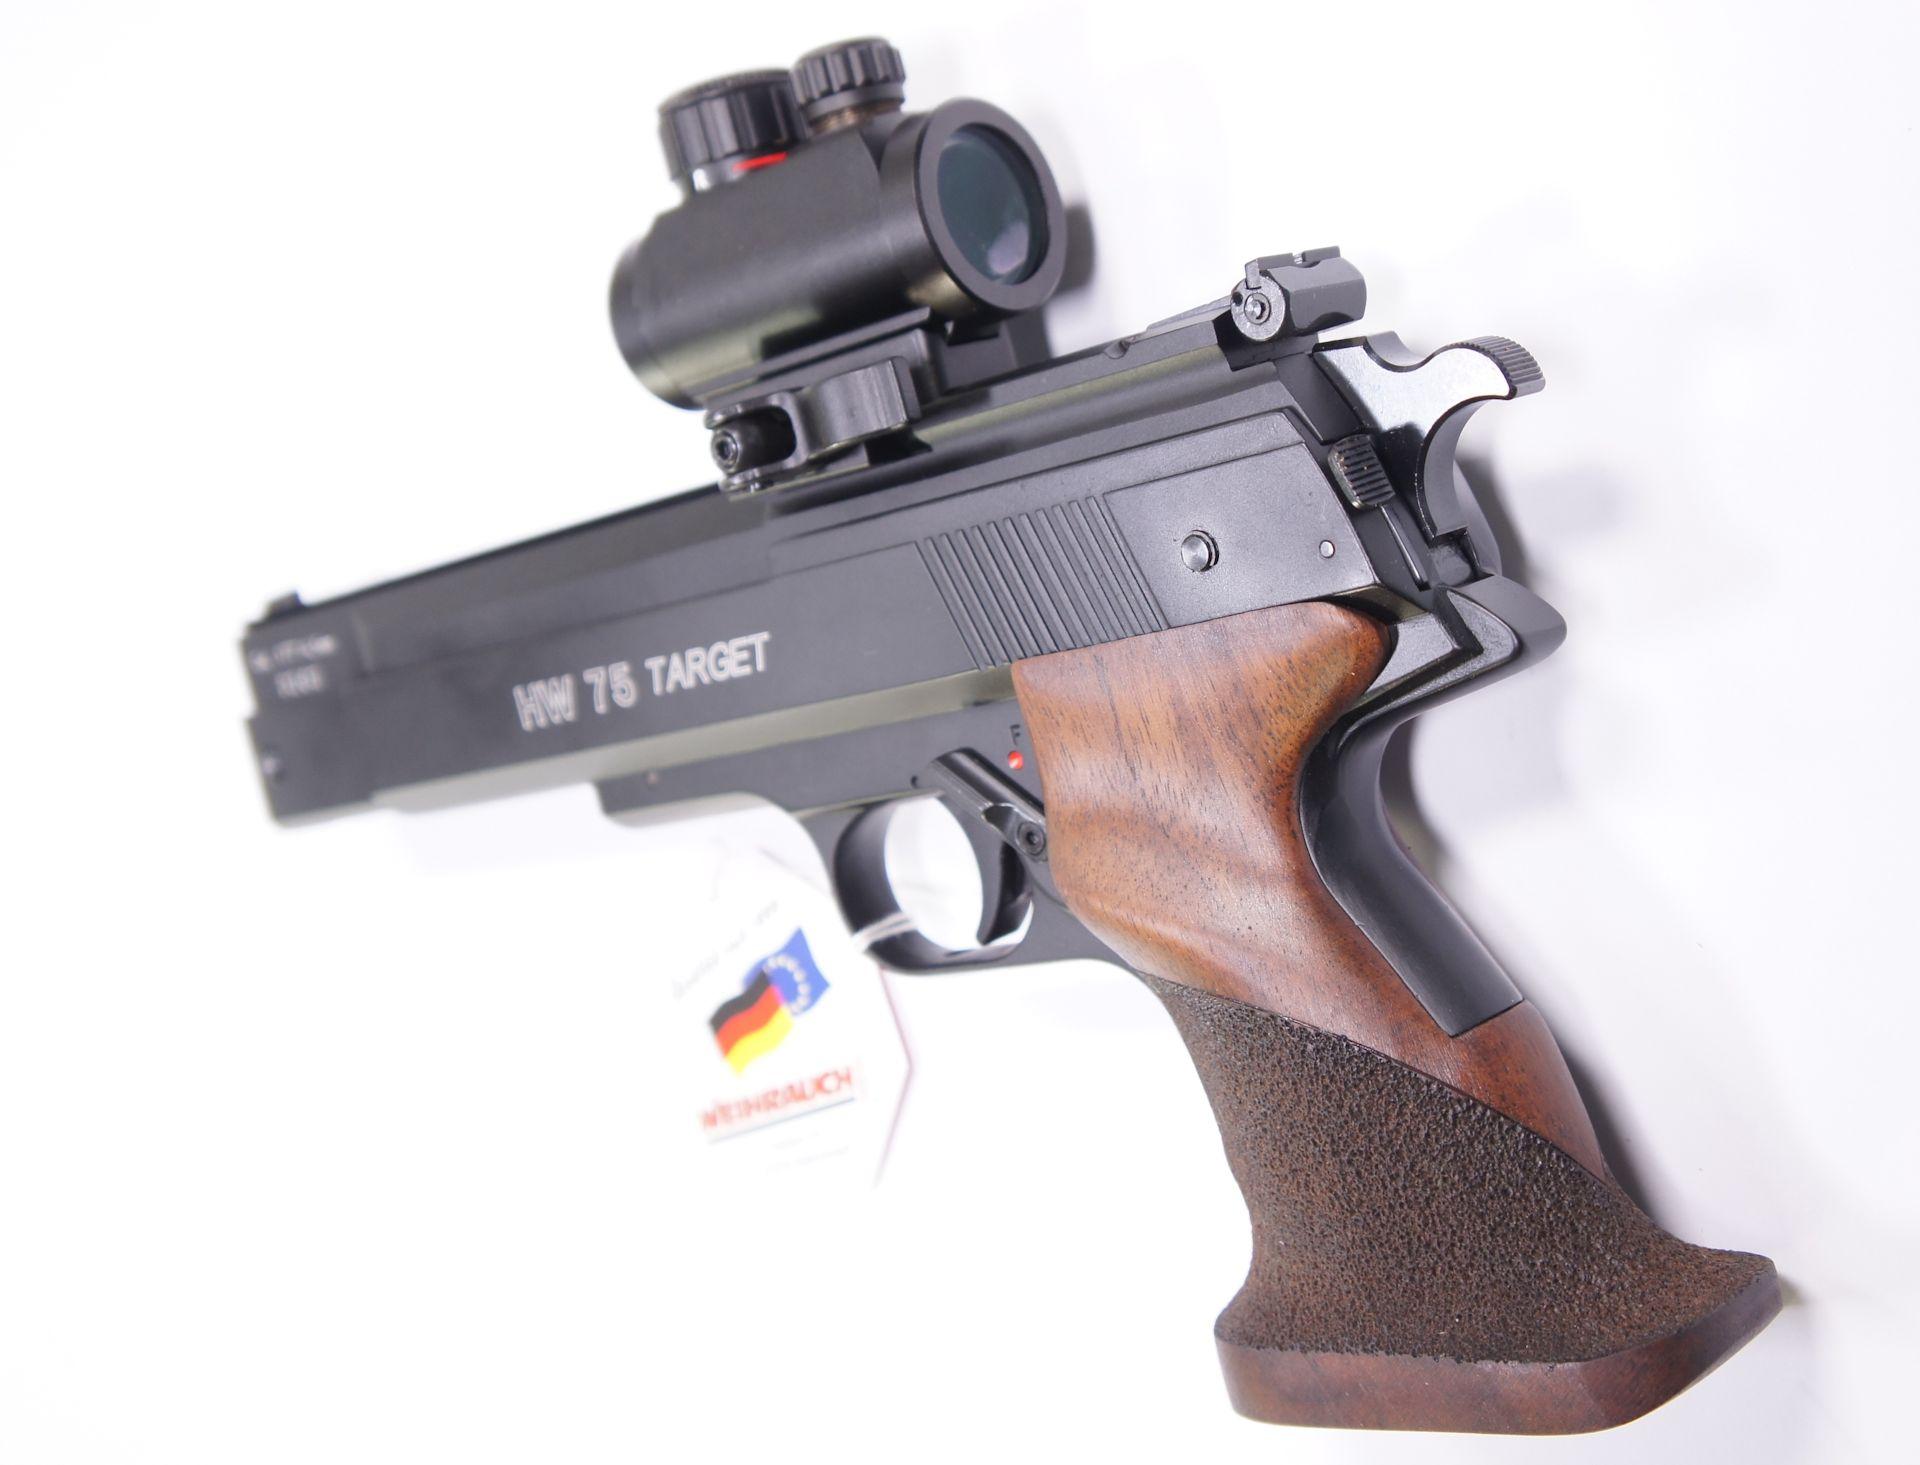 In Sekundenschnelle kann bei dieser Luftpistole von offener Visierung auf das Leuchtpunktvisier gewechselt werden.